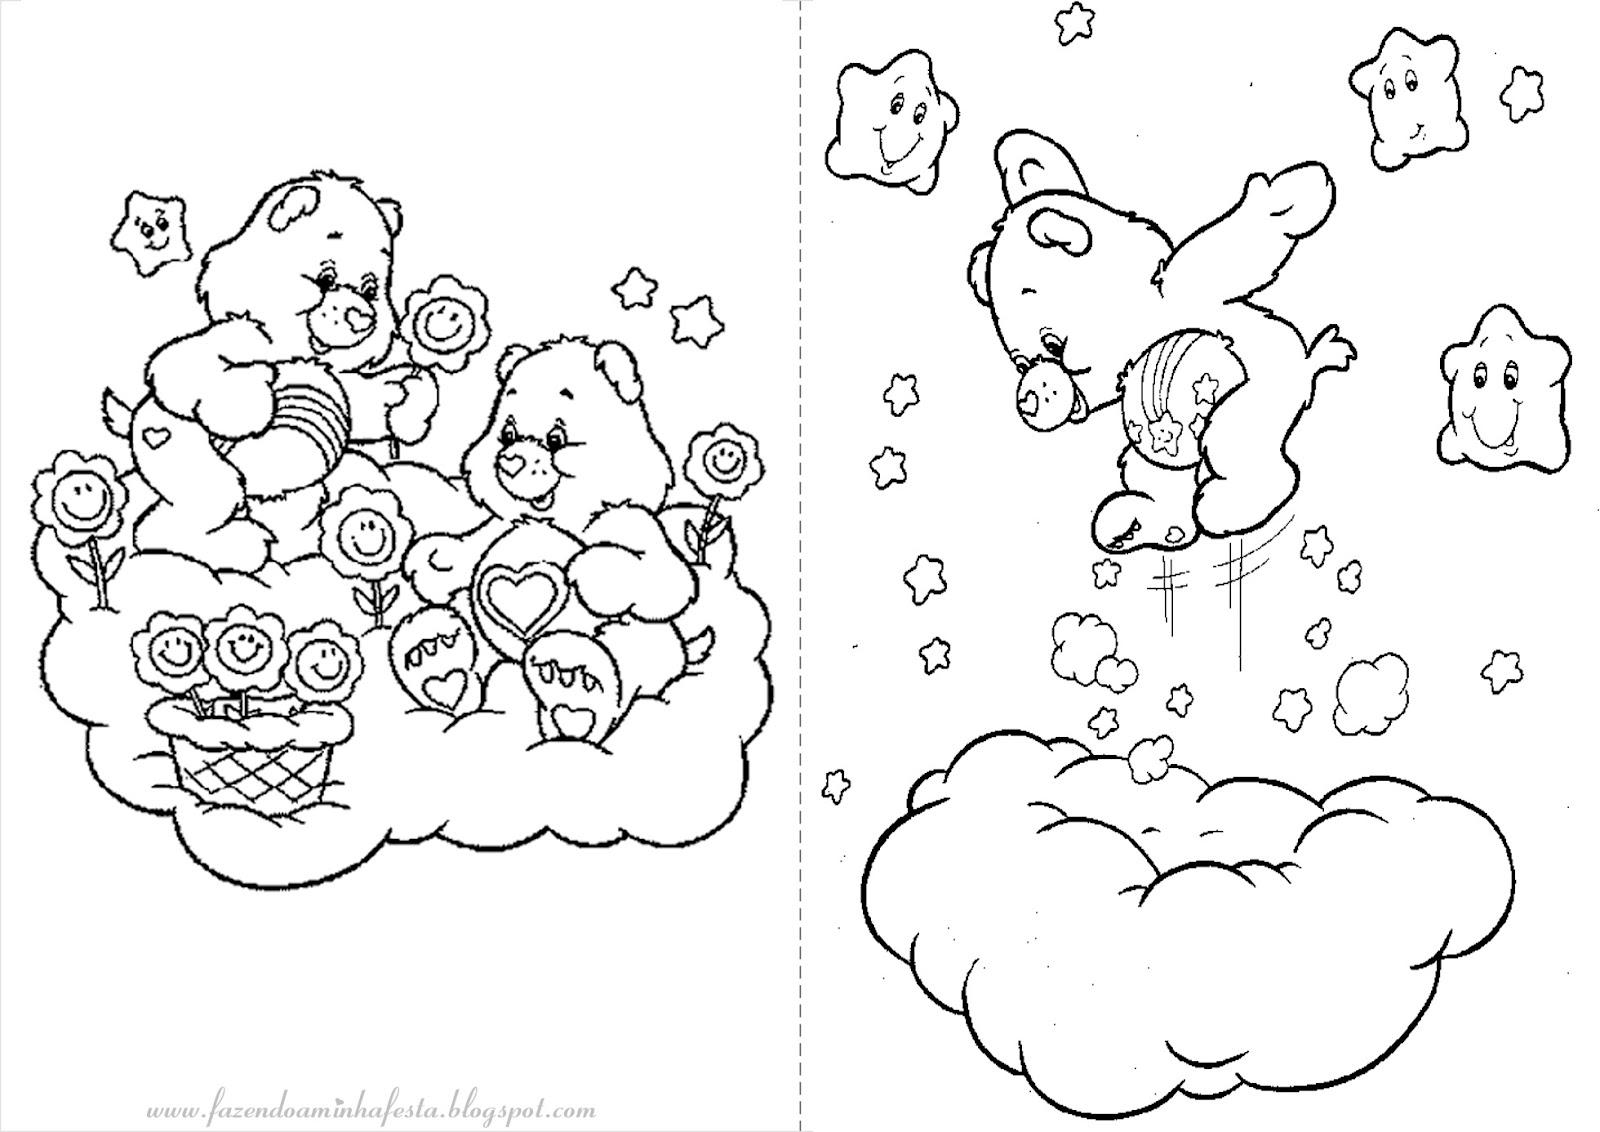 imagens para colorir dos ursinhos carinhosos - Desenhos dos URSINHOS CARINHOSOS para colorir